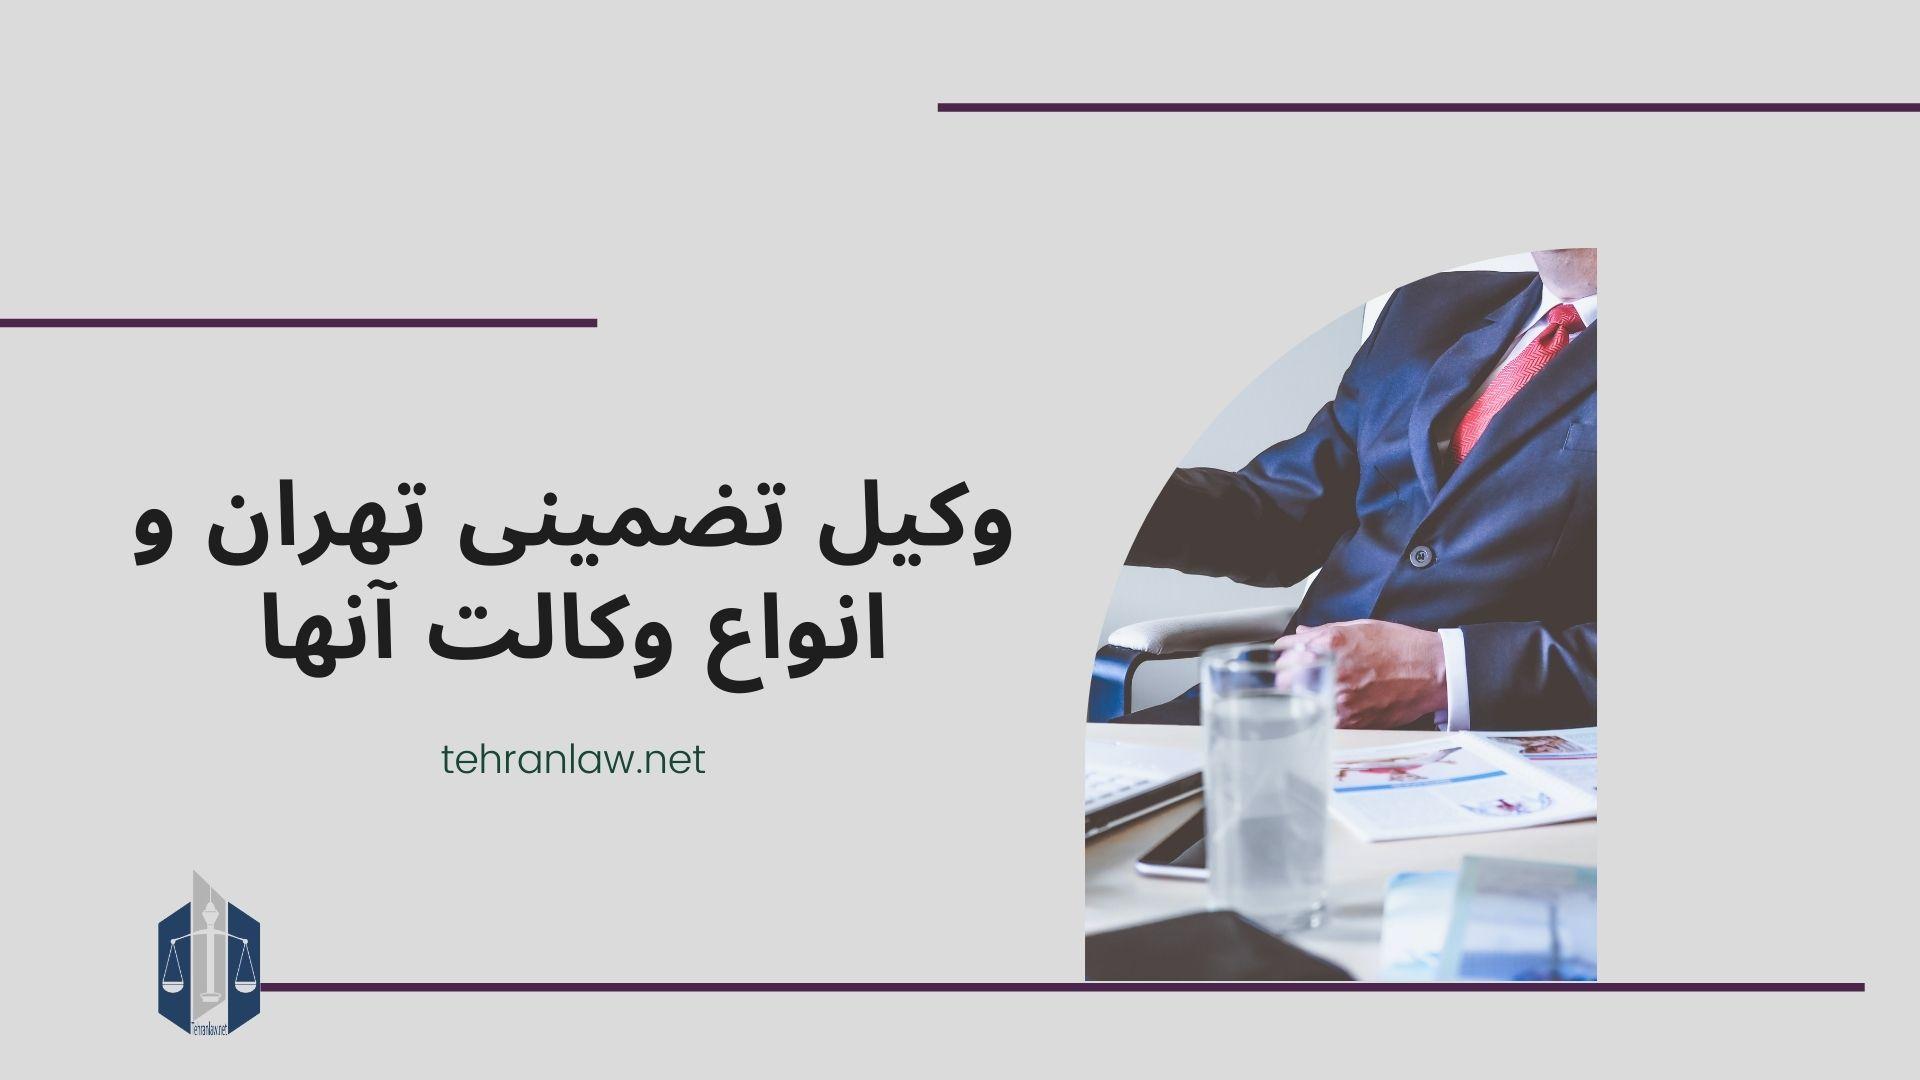 وکیل تضمینی تهران و انواع وکالت آنها